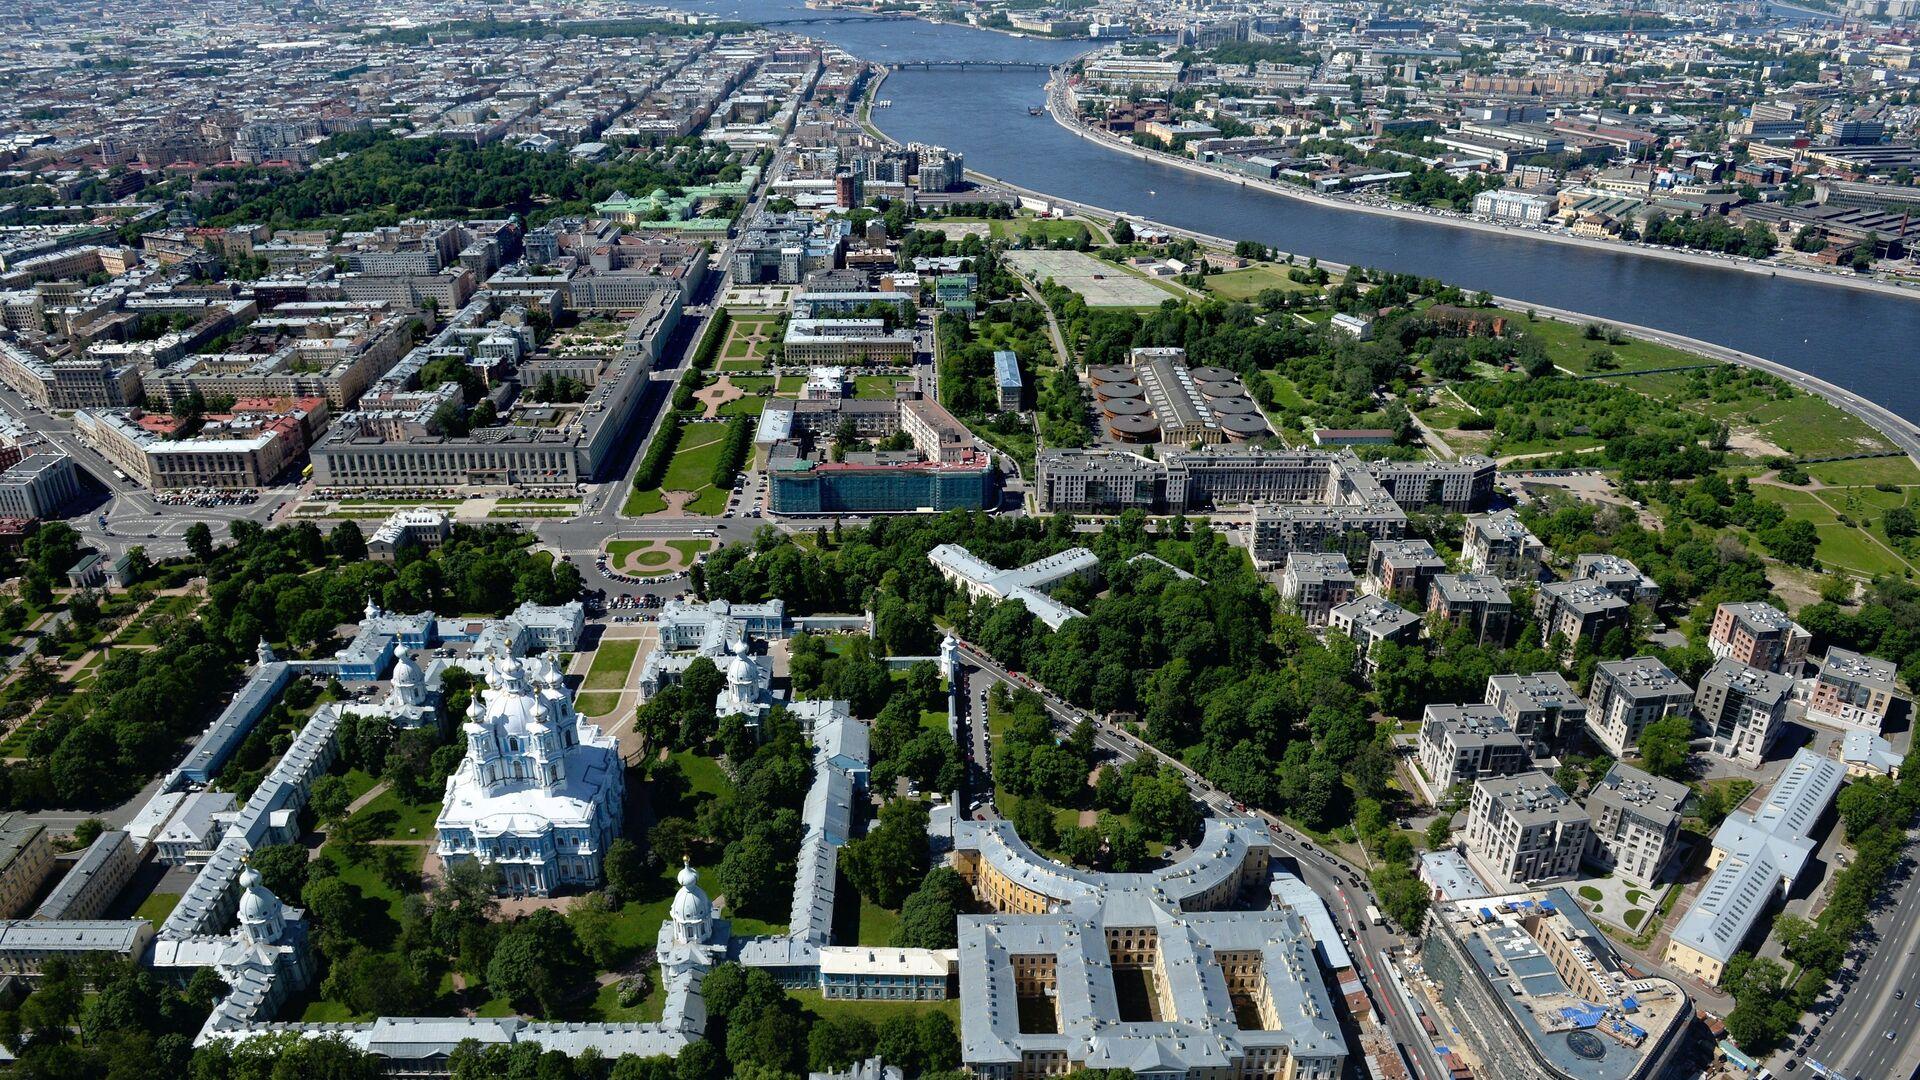 Города России. Санкт-Петербург - РИА Новости, 1920, 02.03.2021